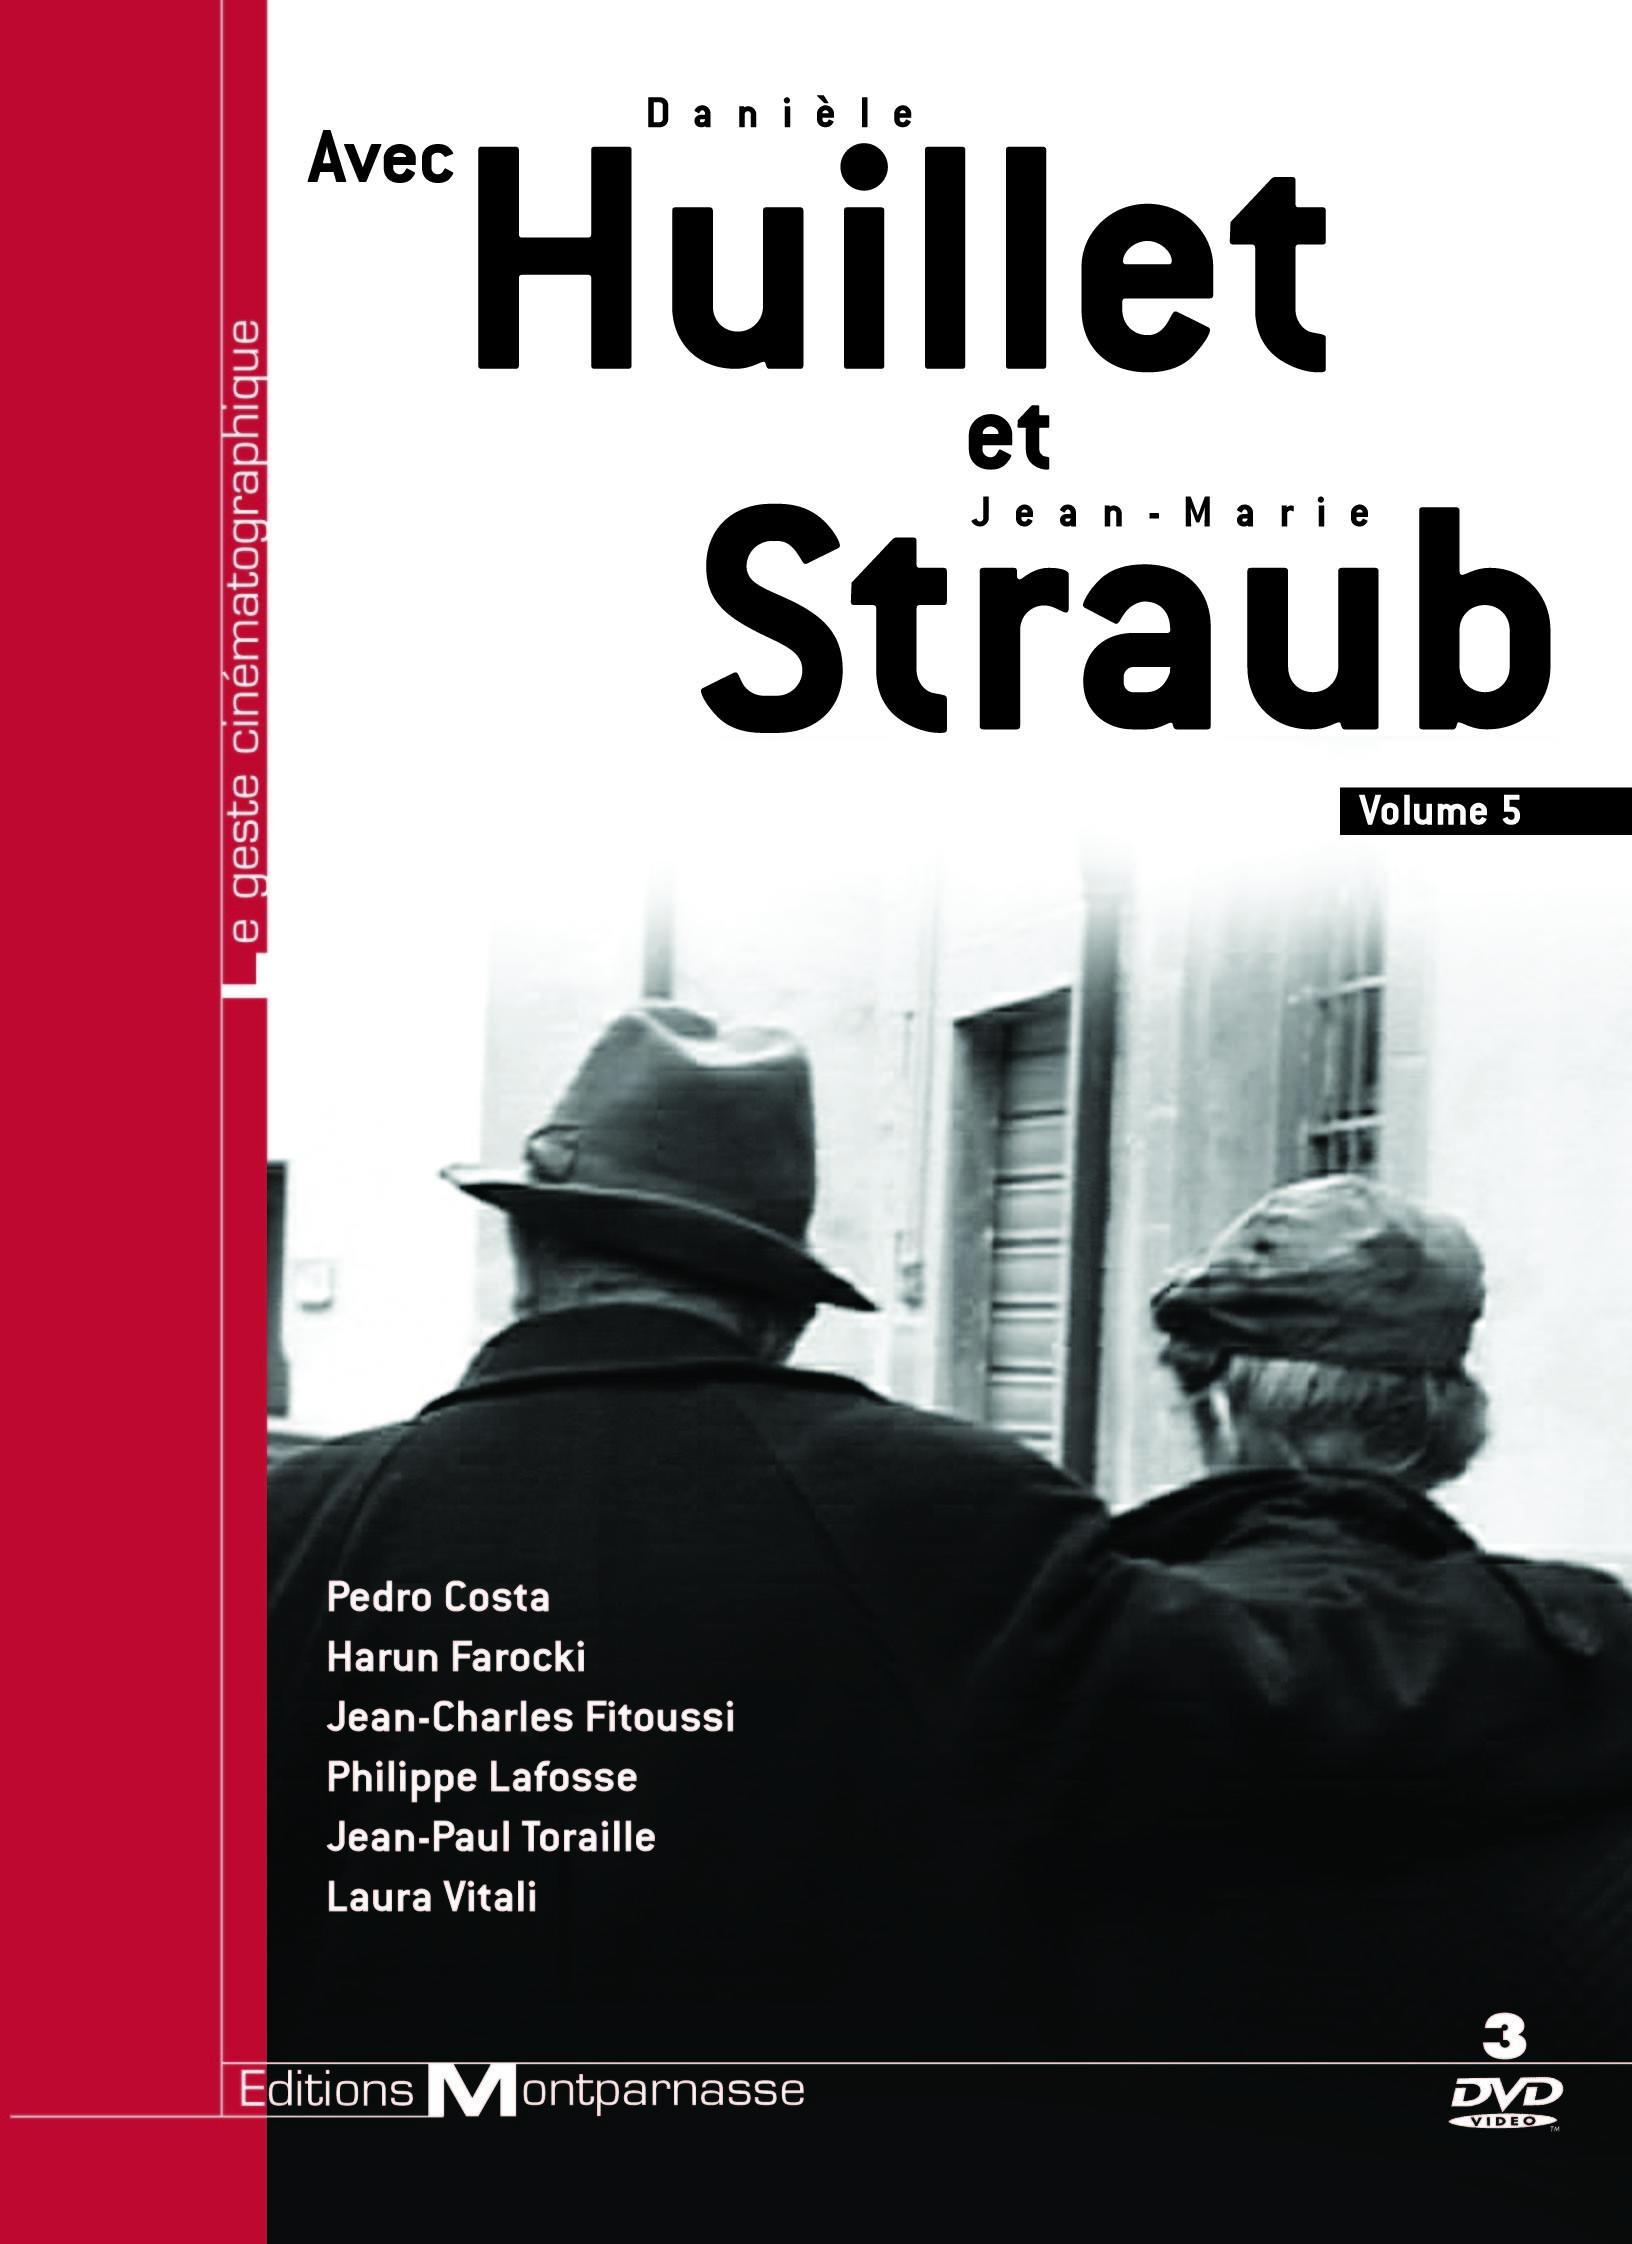 MO - HUILLET ET STRAUB - AVEC HUILLET ET STRAUB - 3 DVD